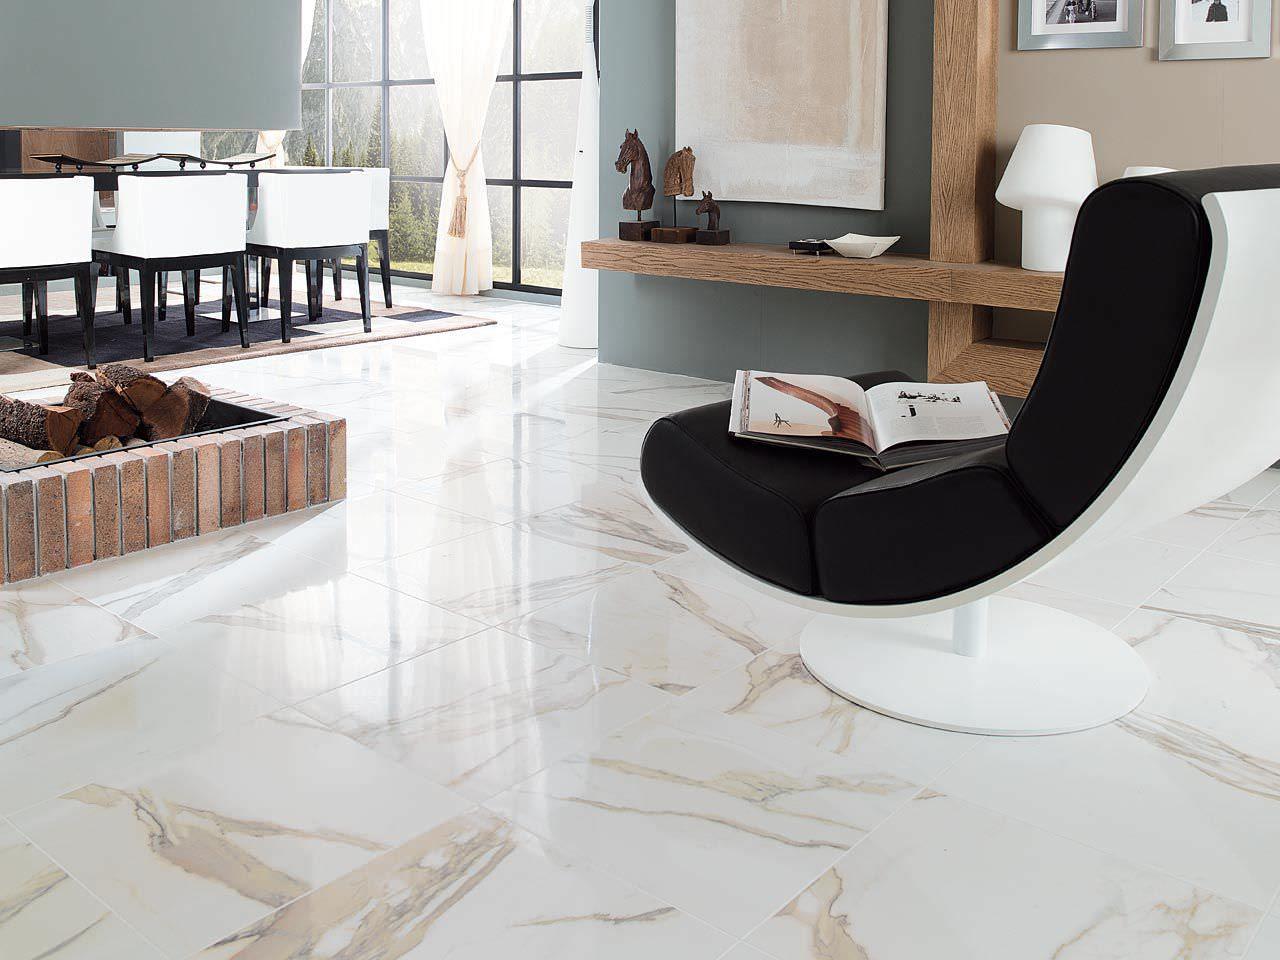 Baldosa de suelo de cer mica imitaci n m rmol calacata - Suelos imitacion marmol ...